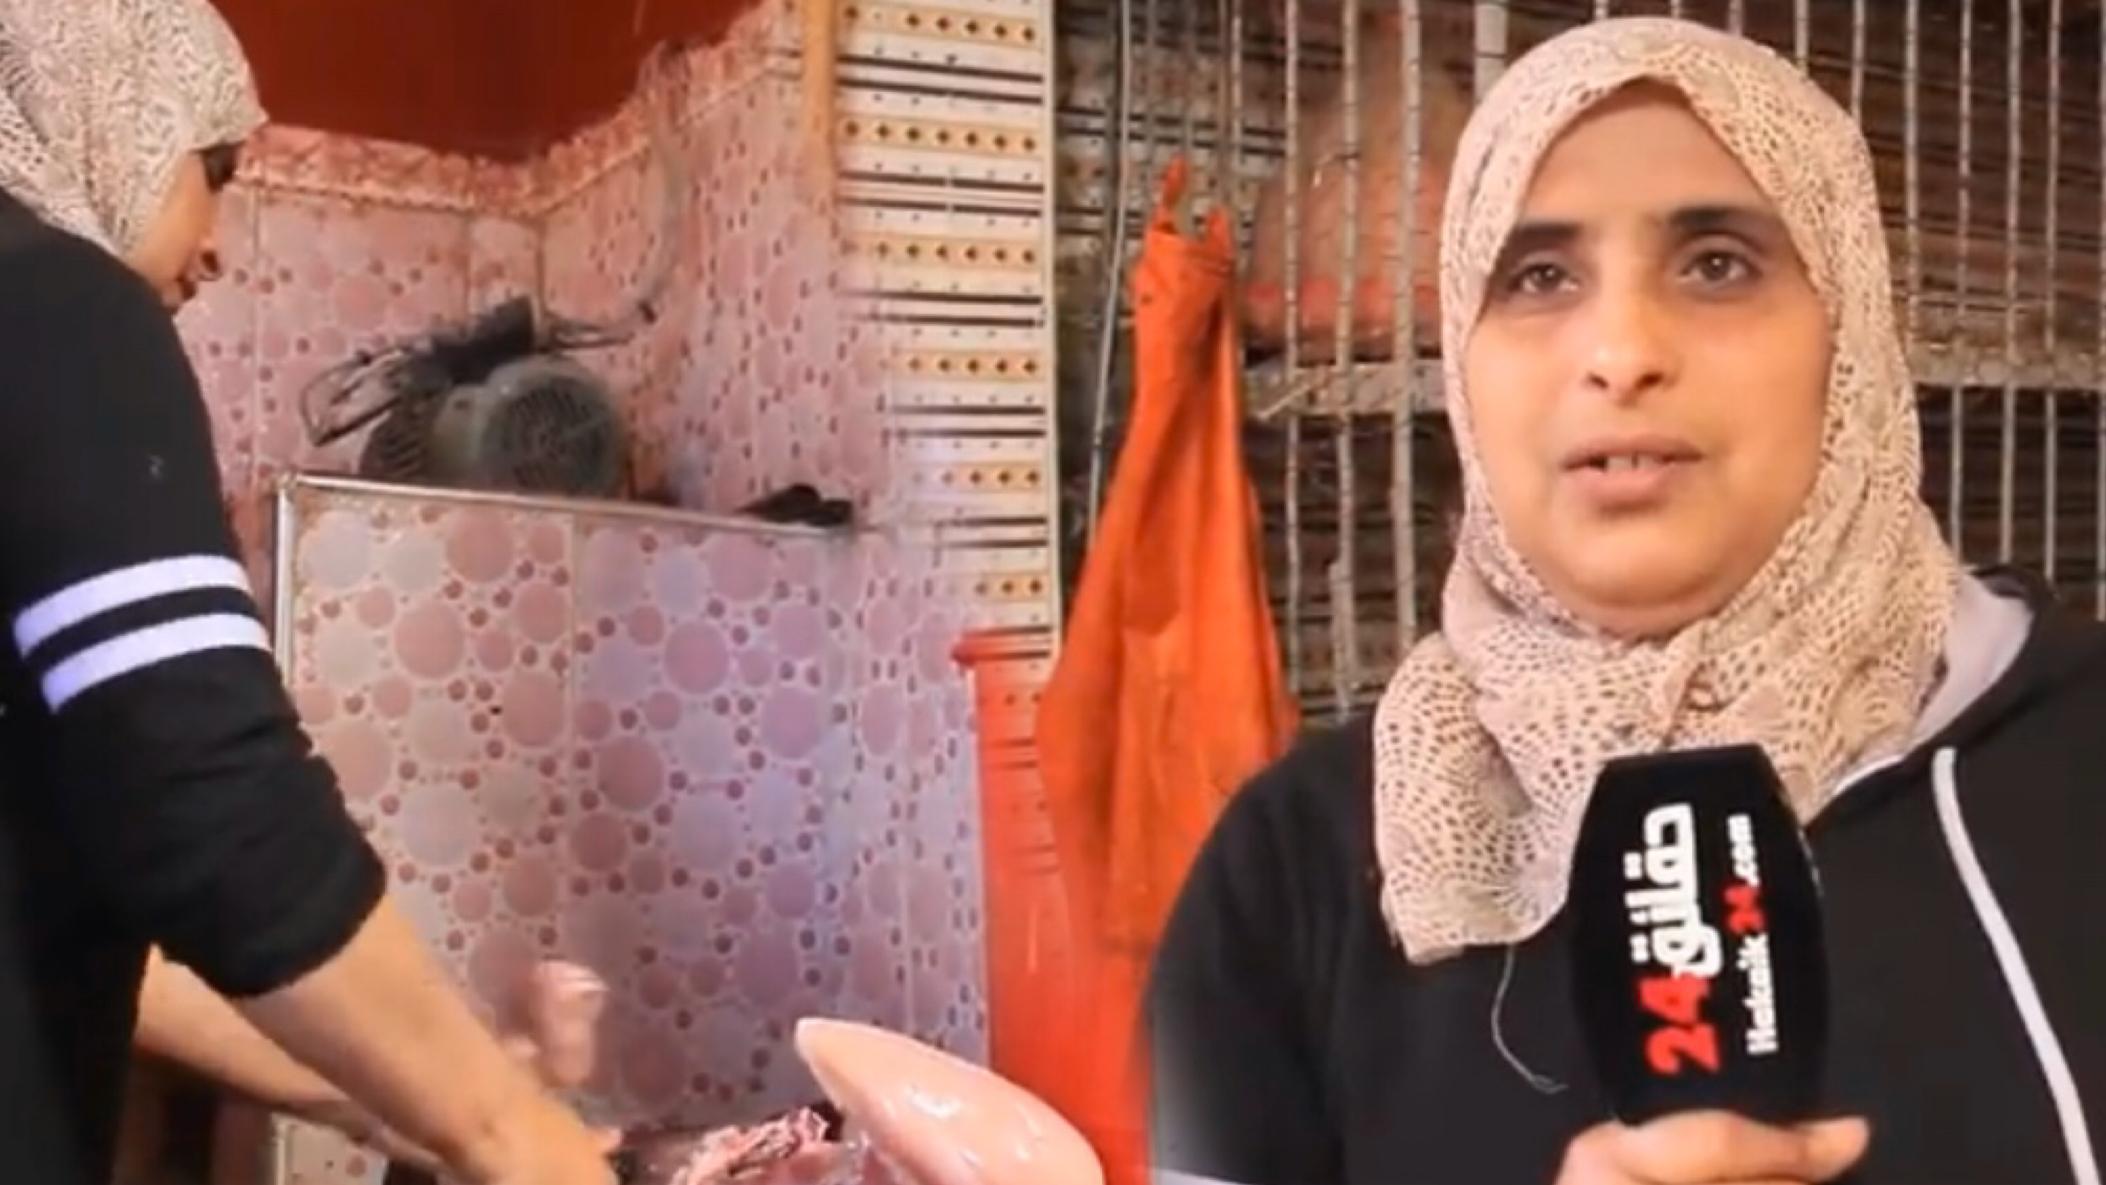 صورة بسواعد نسائية .. عائشة امرأة تقتحم مهنة الرجال عبر بيع الدجاج